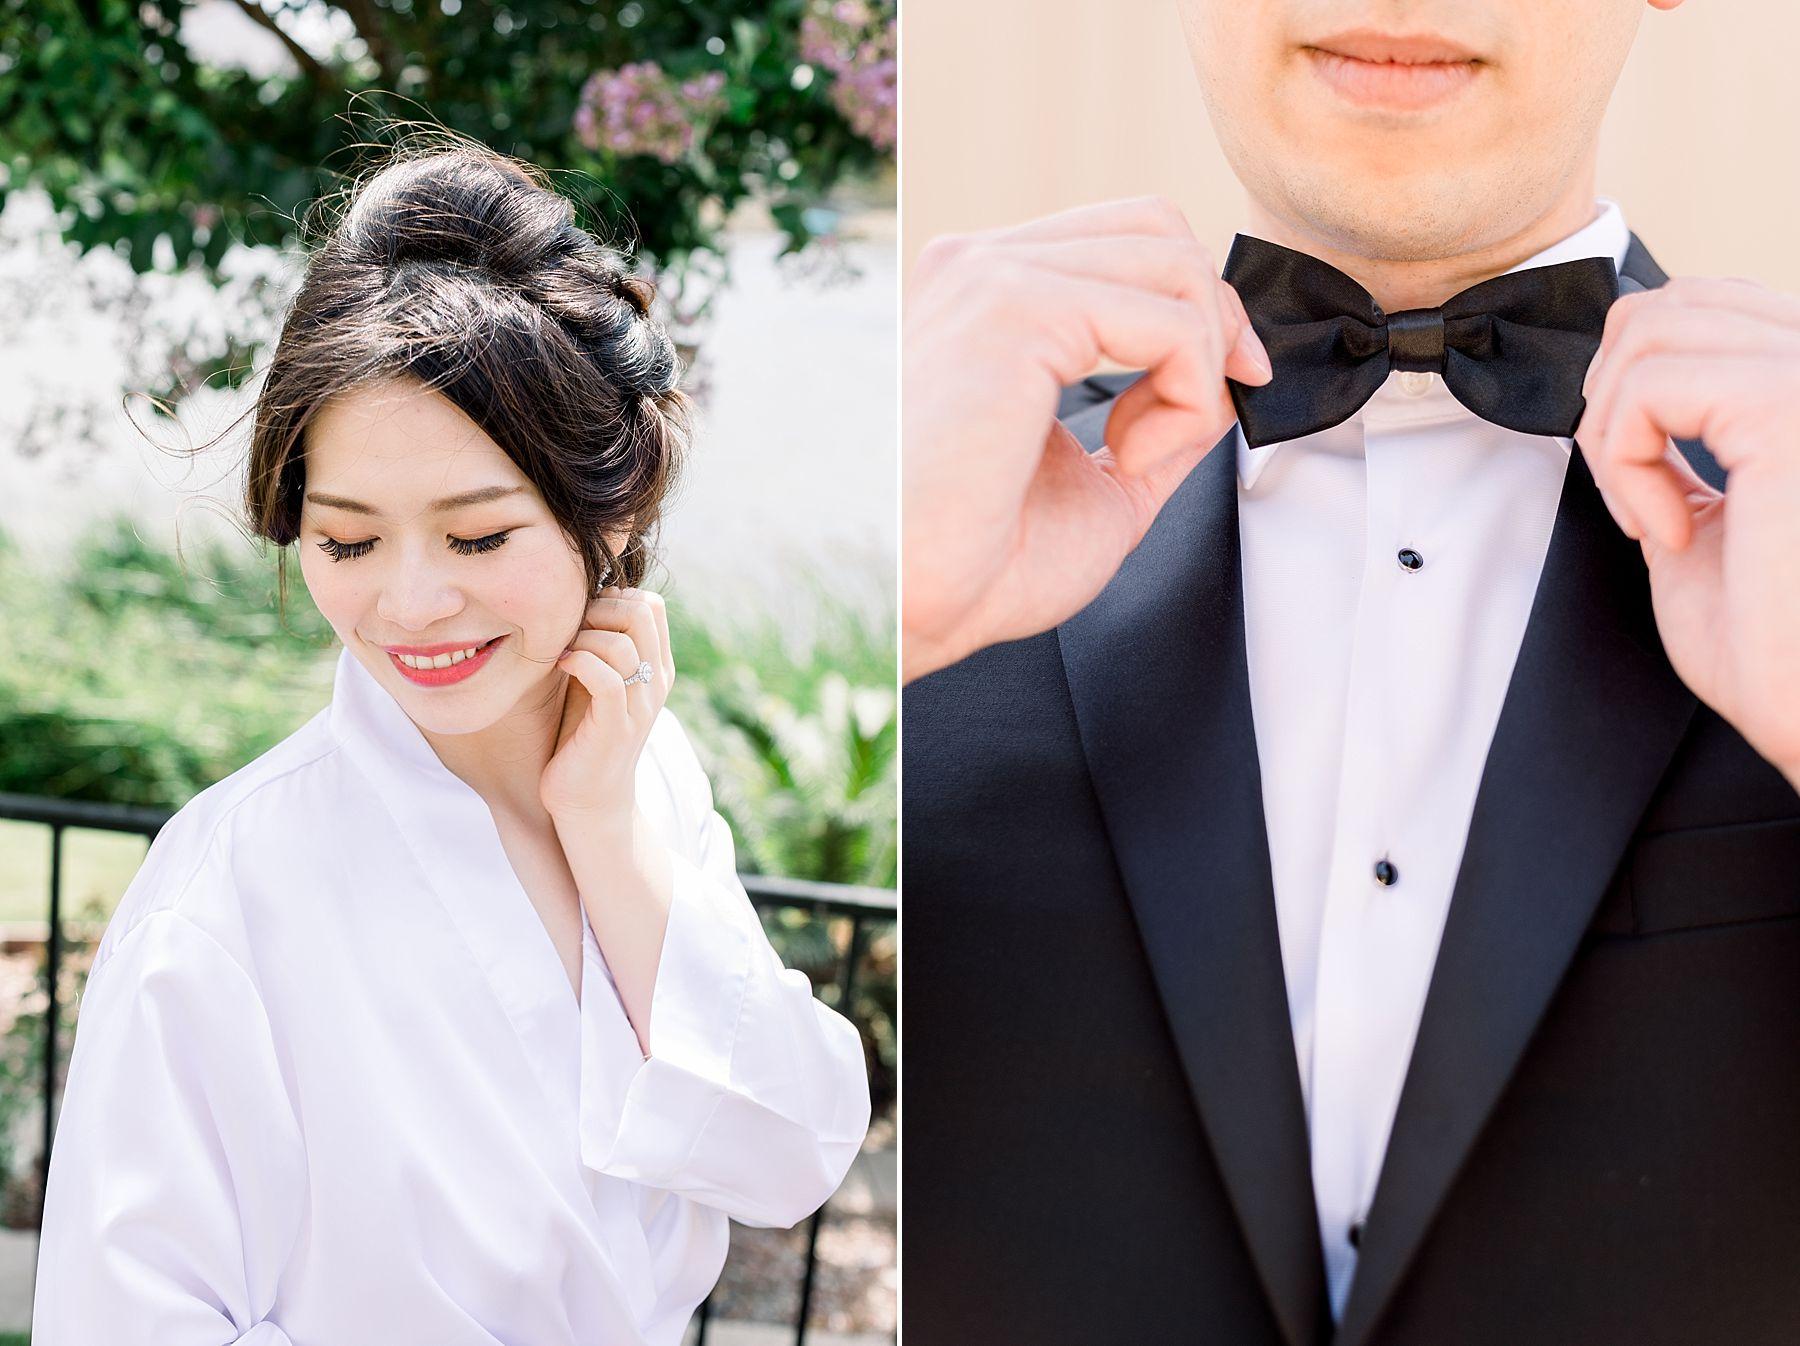 Newberry Estate Vineyards Wedding - Ashley Baumgartner - Jasmine and Johhny - Bay Area Wedding Photographer - Sacramento Wedding Photographer_0007.jpg